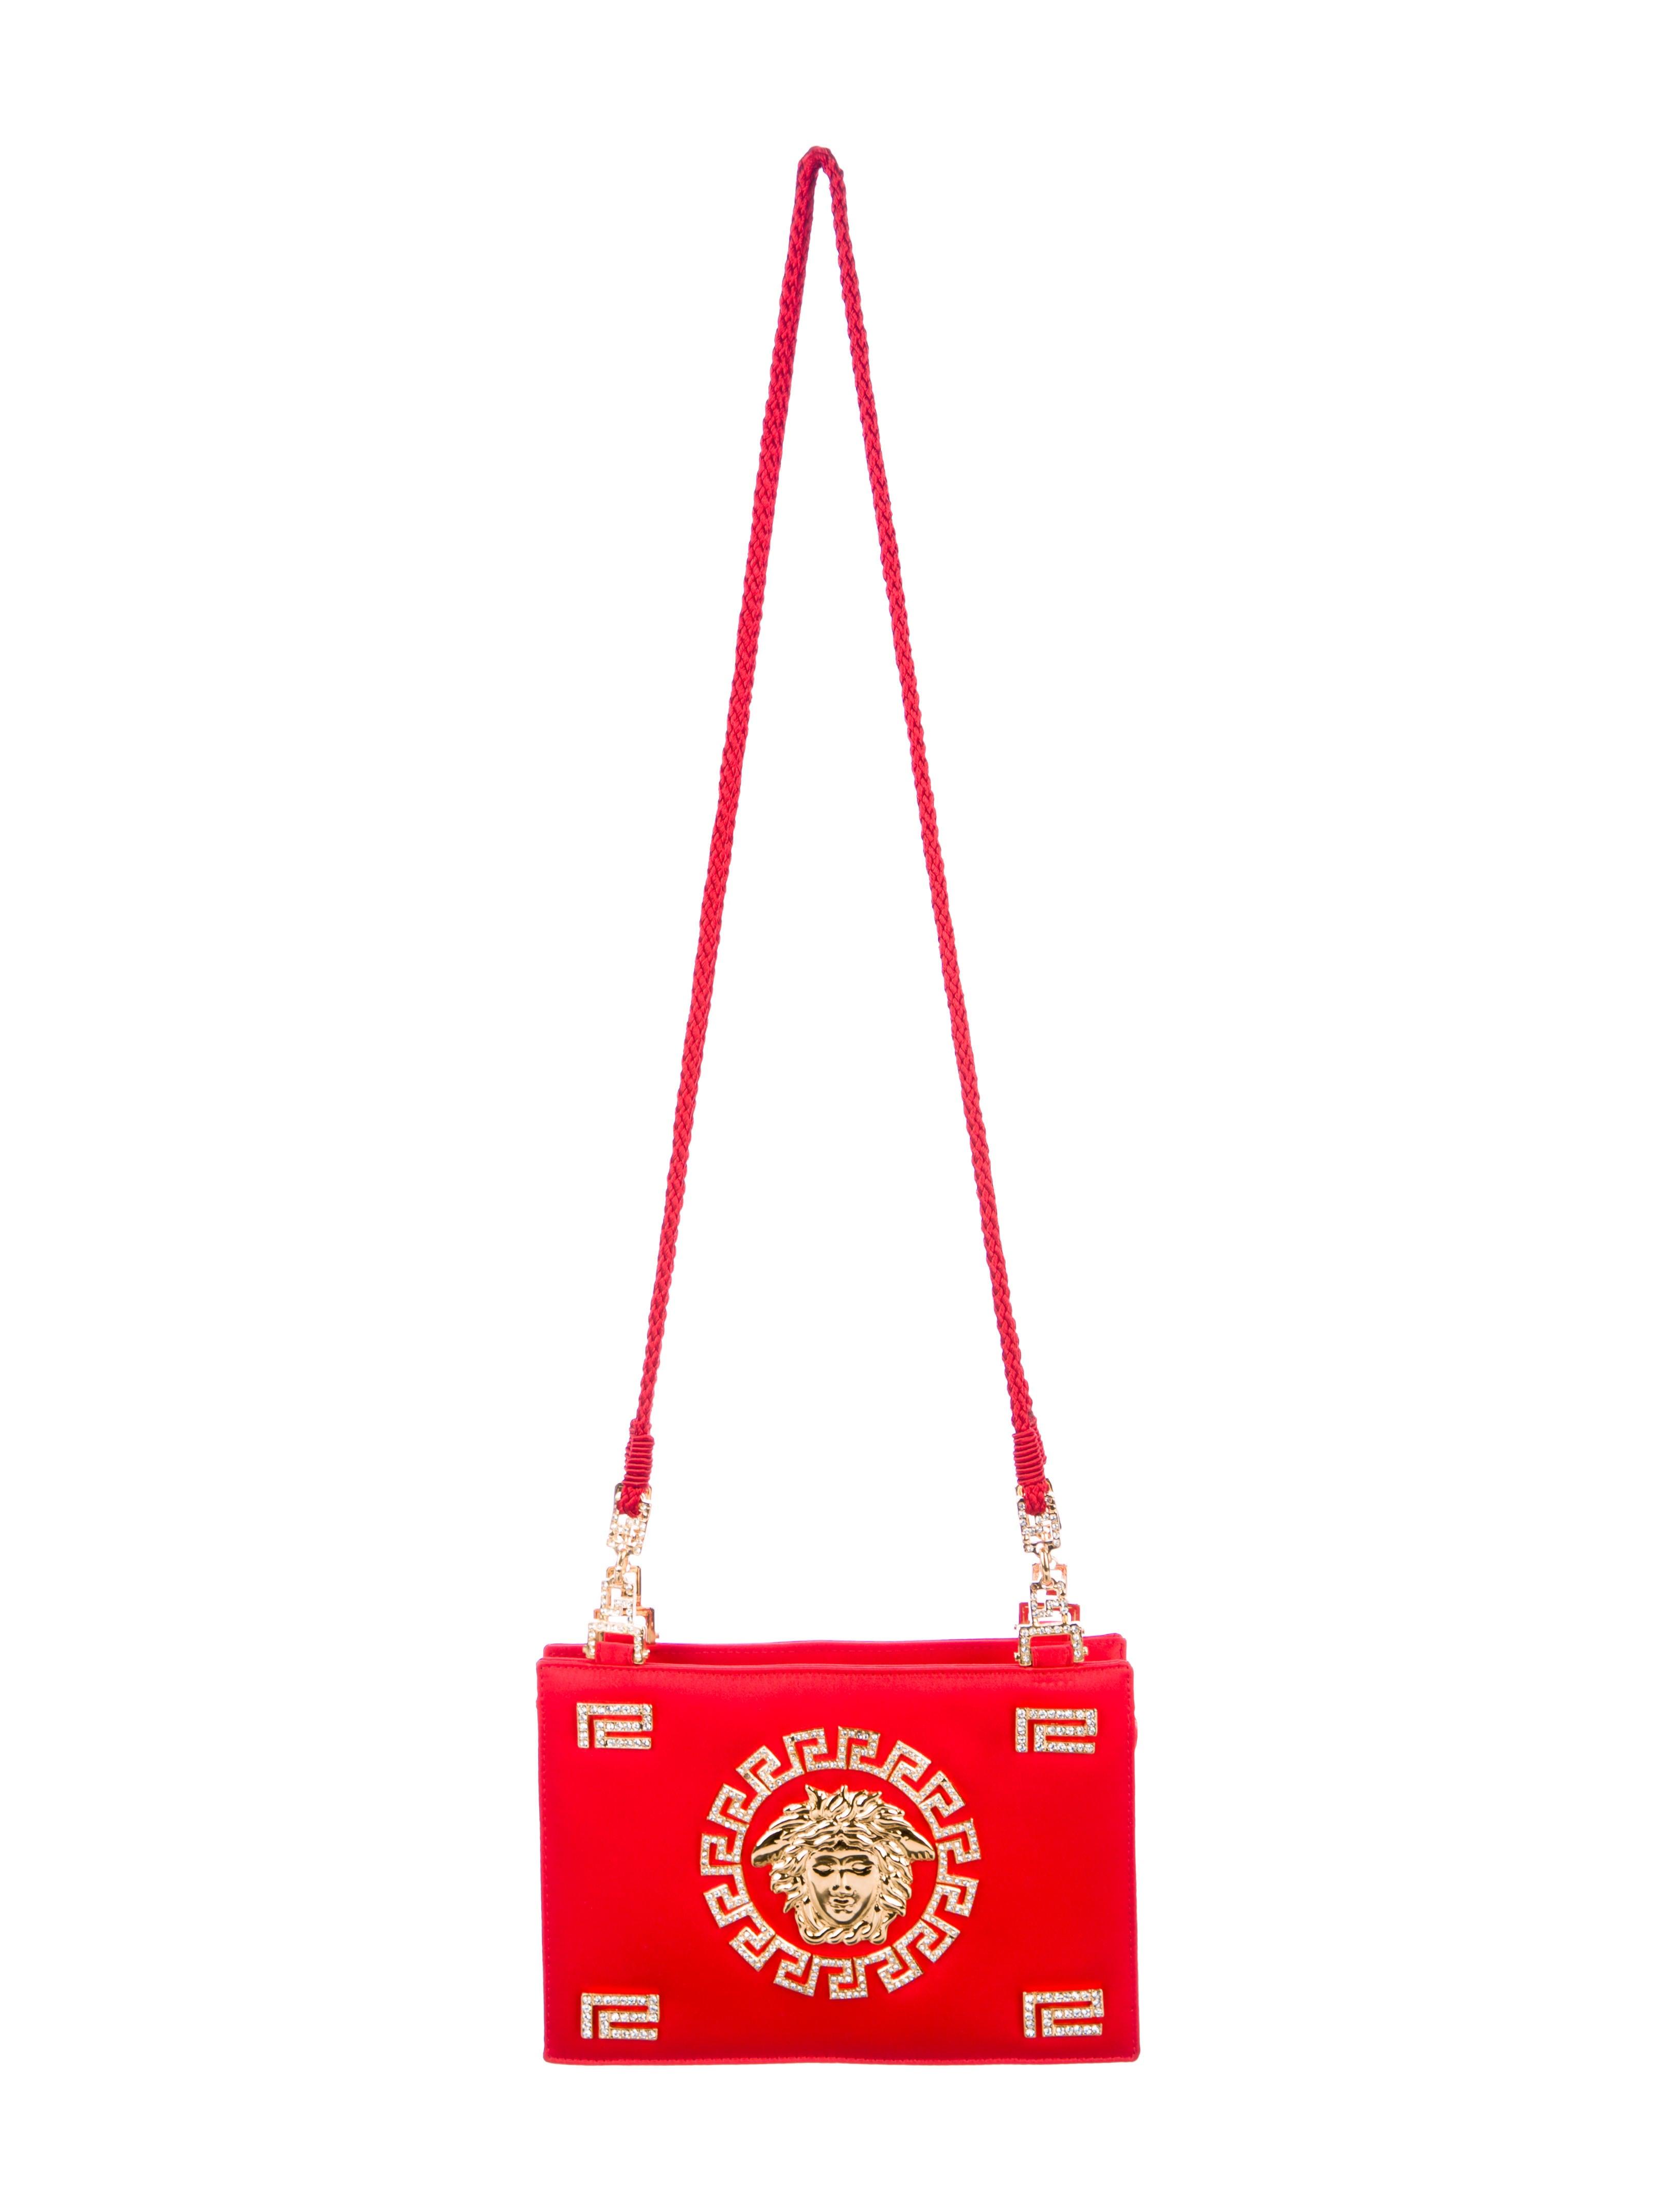 e210240a7afa Gianni Embellished Versace Crystal Bag Medusa Shoulder r6T6P7 ...